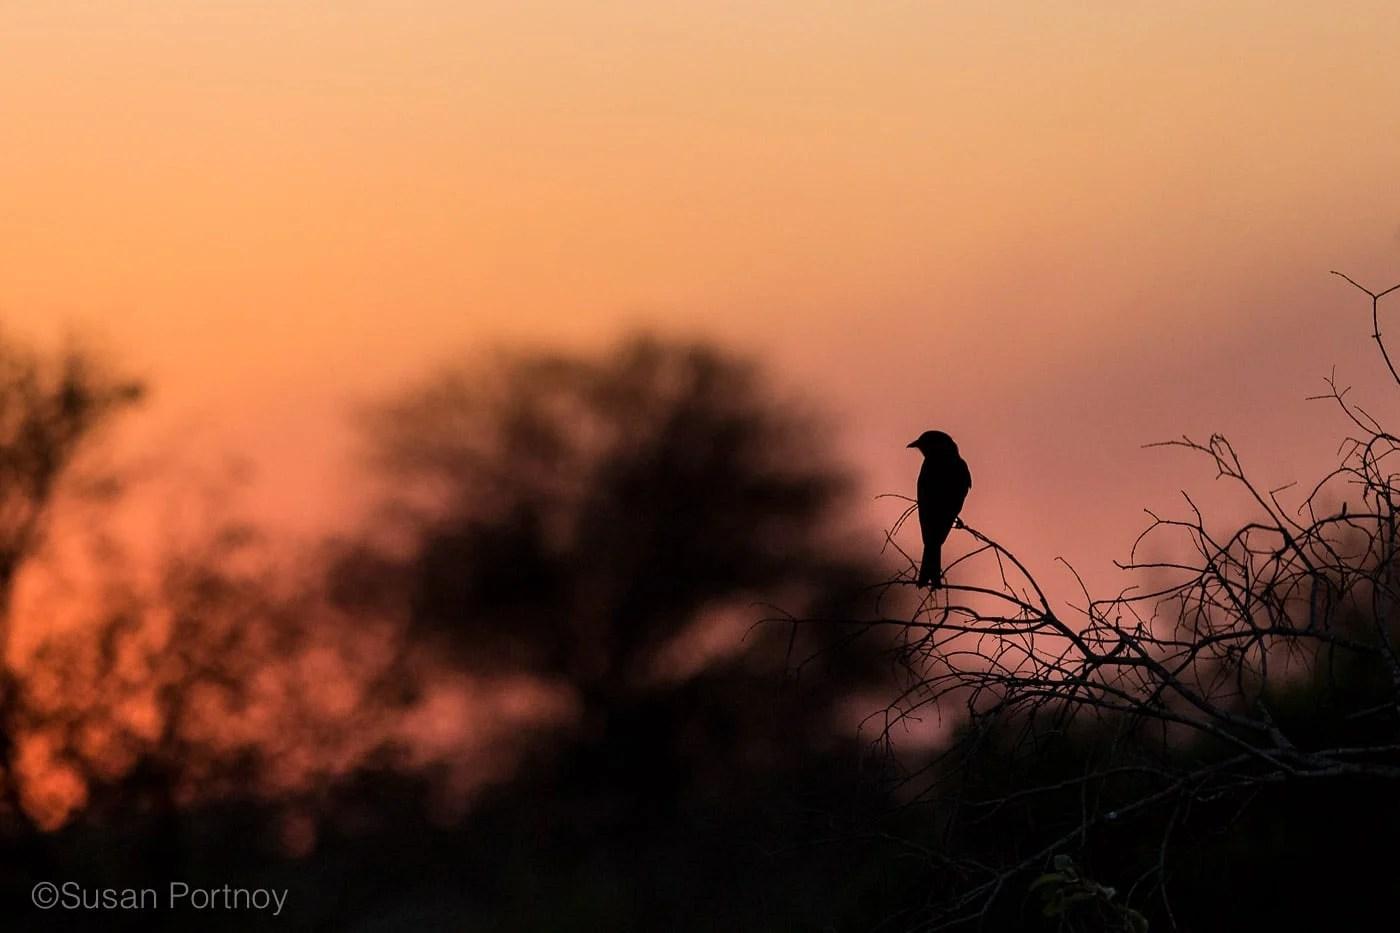 sportnoy_birds-09